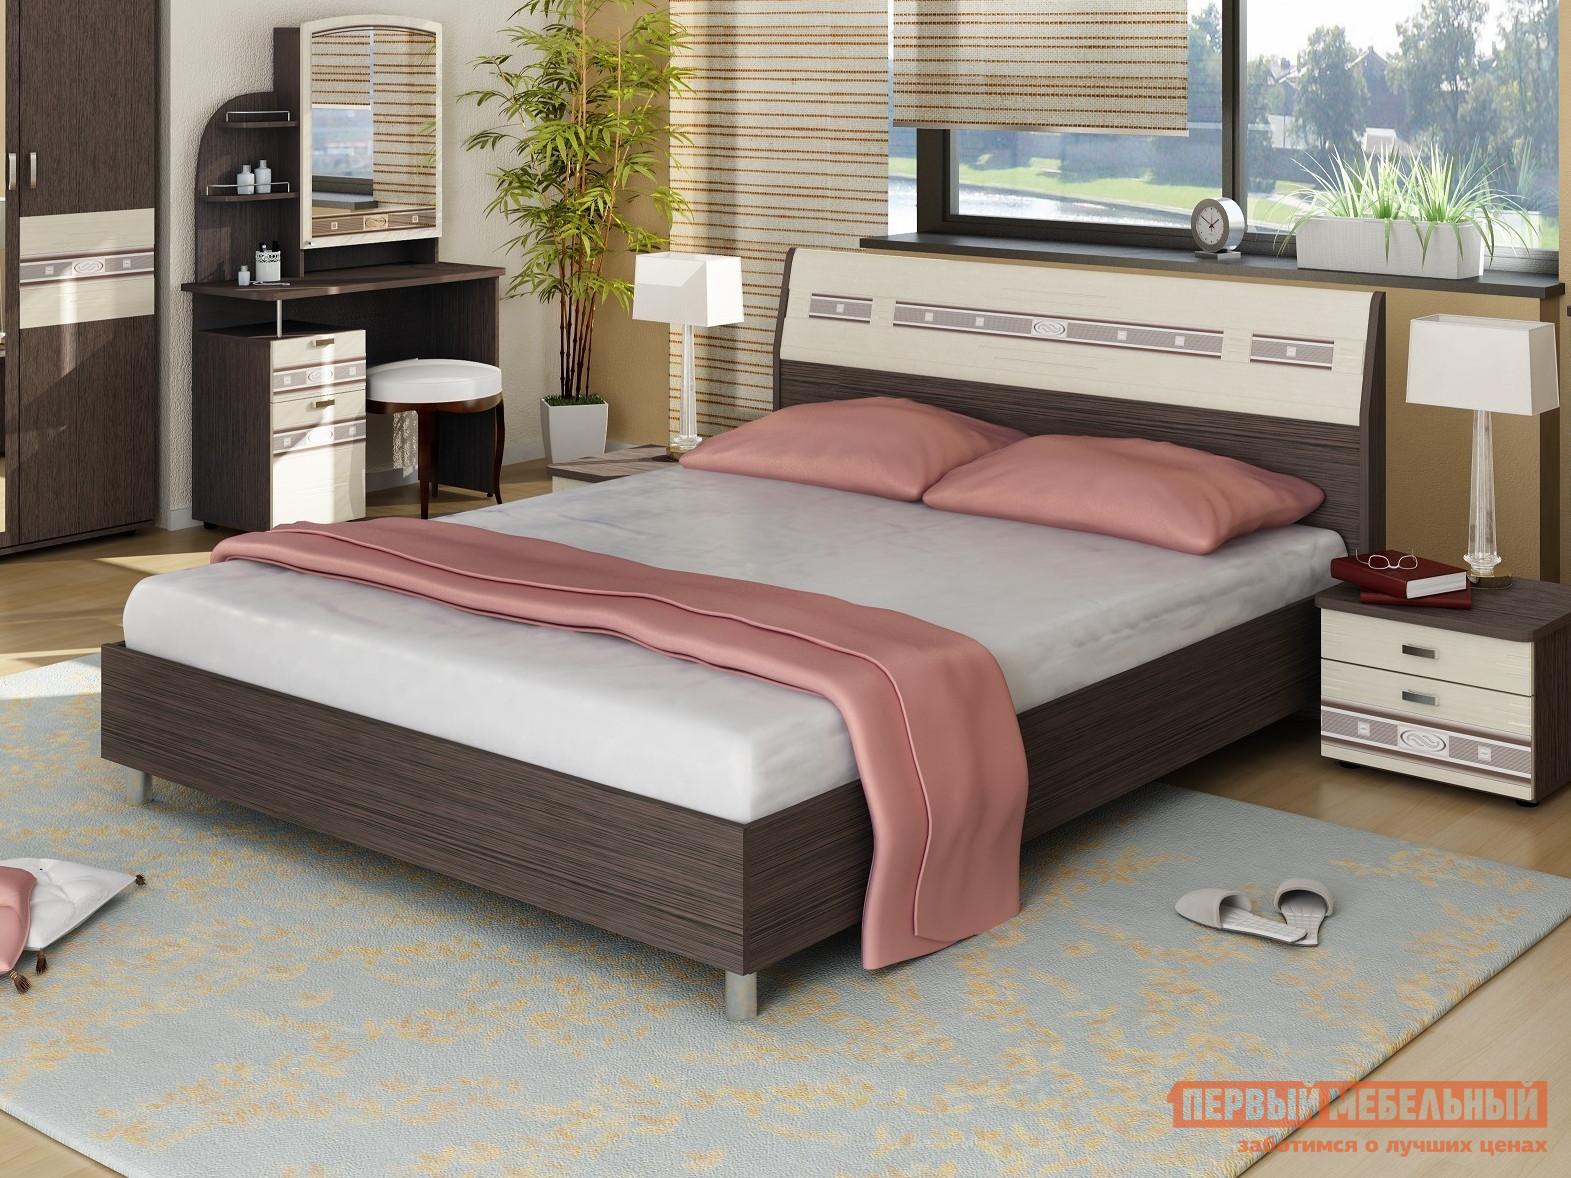 Двуспальная кровать Витра 95.01/95.02+ОК1/ОК2 двуспальная кровать витра 98 01